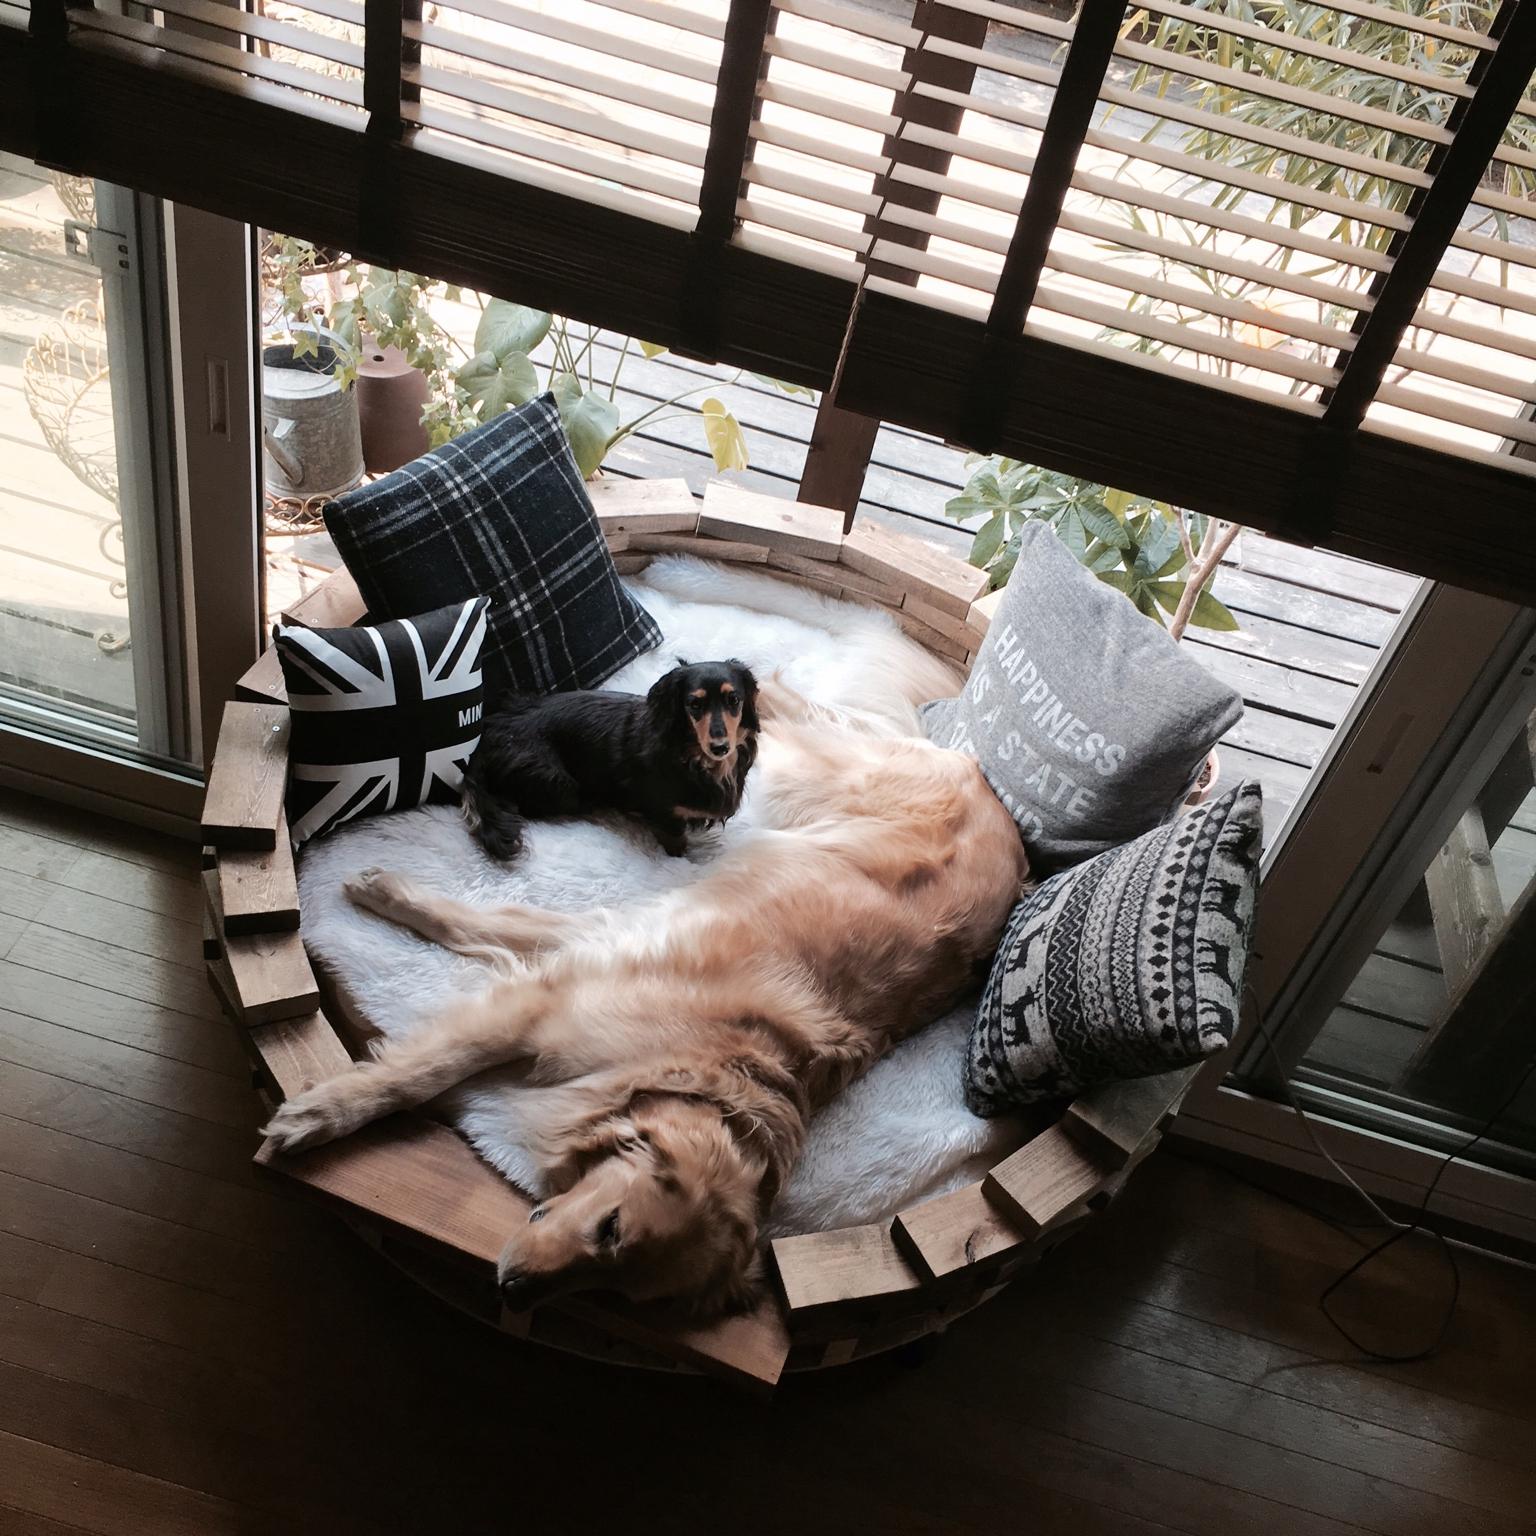 木をレンガ風に♡愛犬と一緒に使えるまぁるいソファーDIY by tomowithdogさん